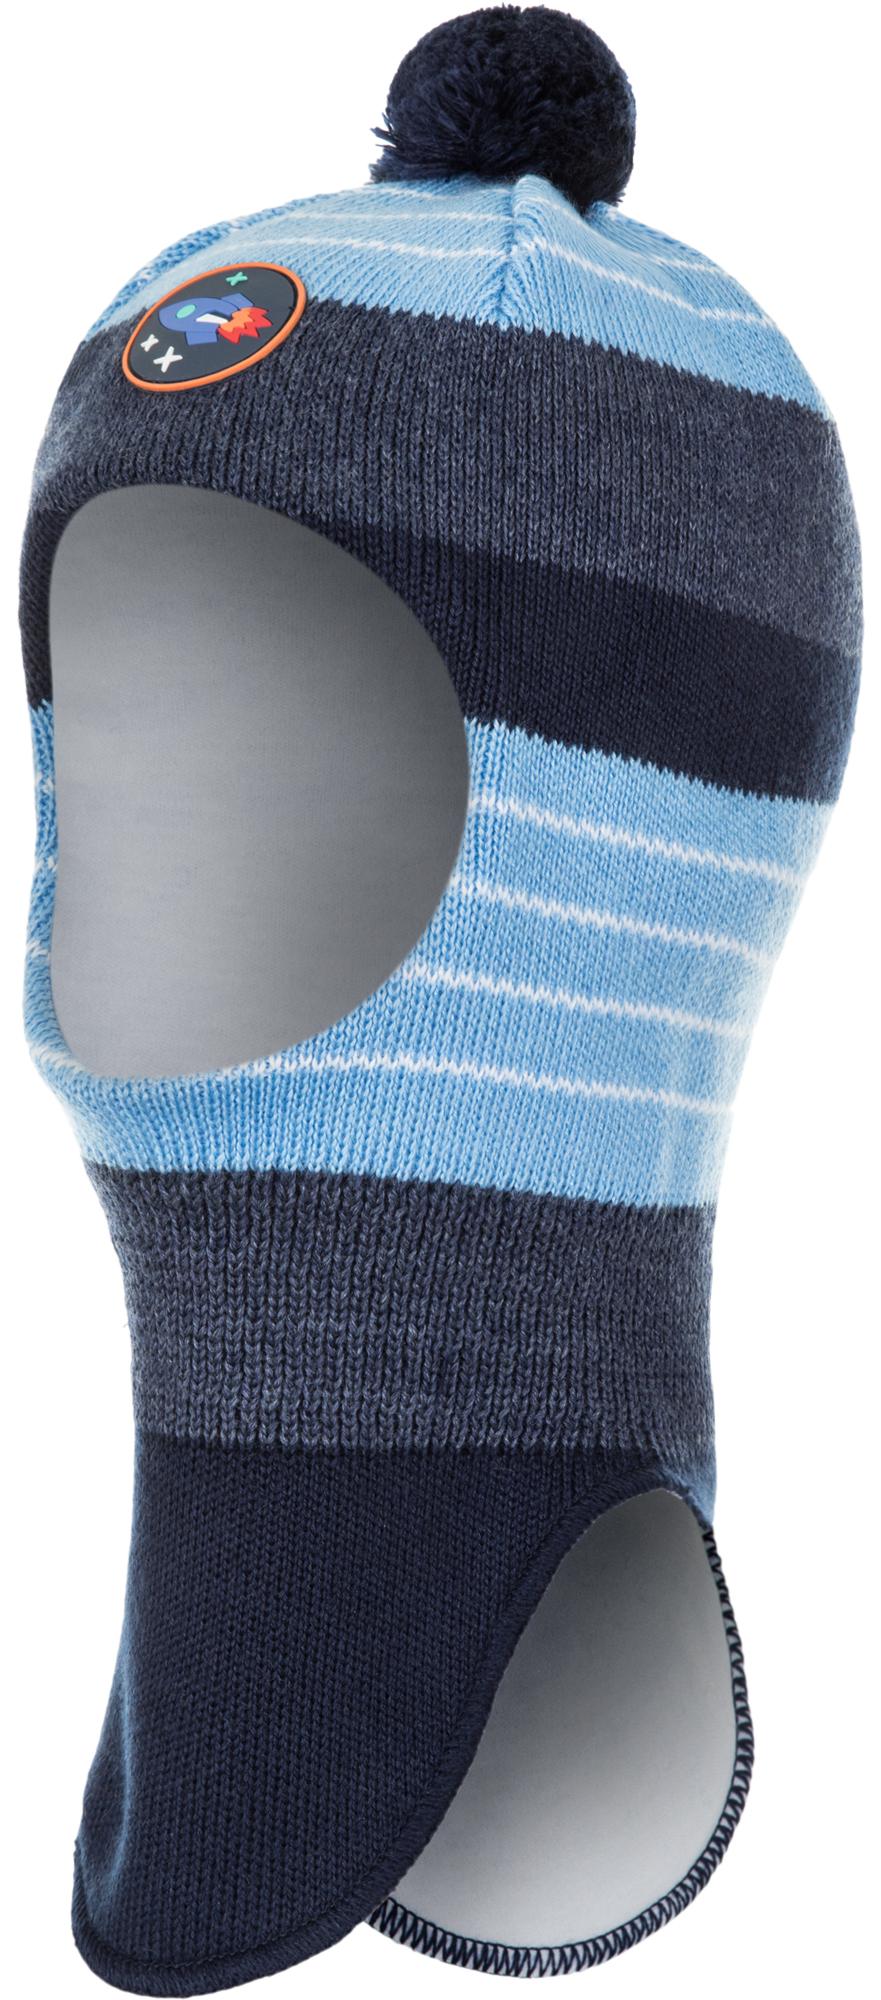 Satila Шапка для мальчиков Satila Buckly, размер 53 skiki skiki шапка шлем зимняя синяя